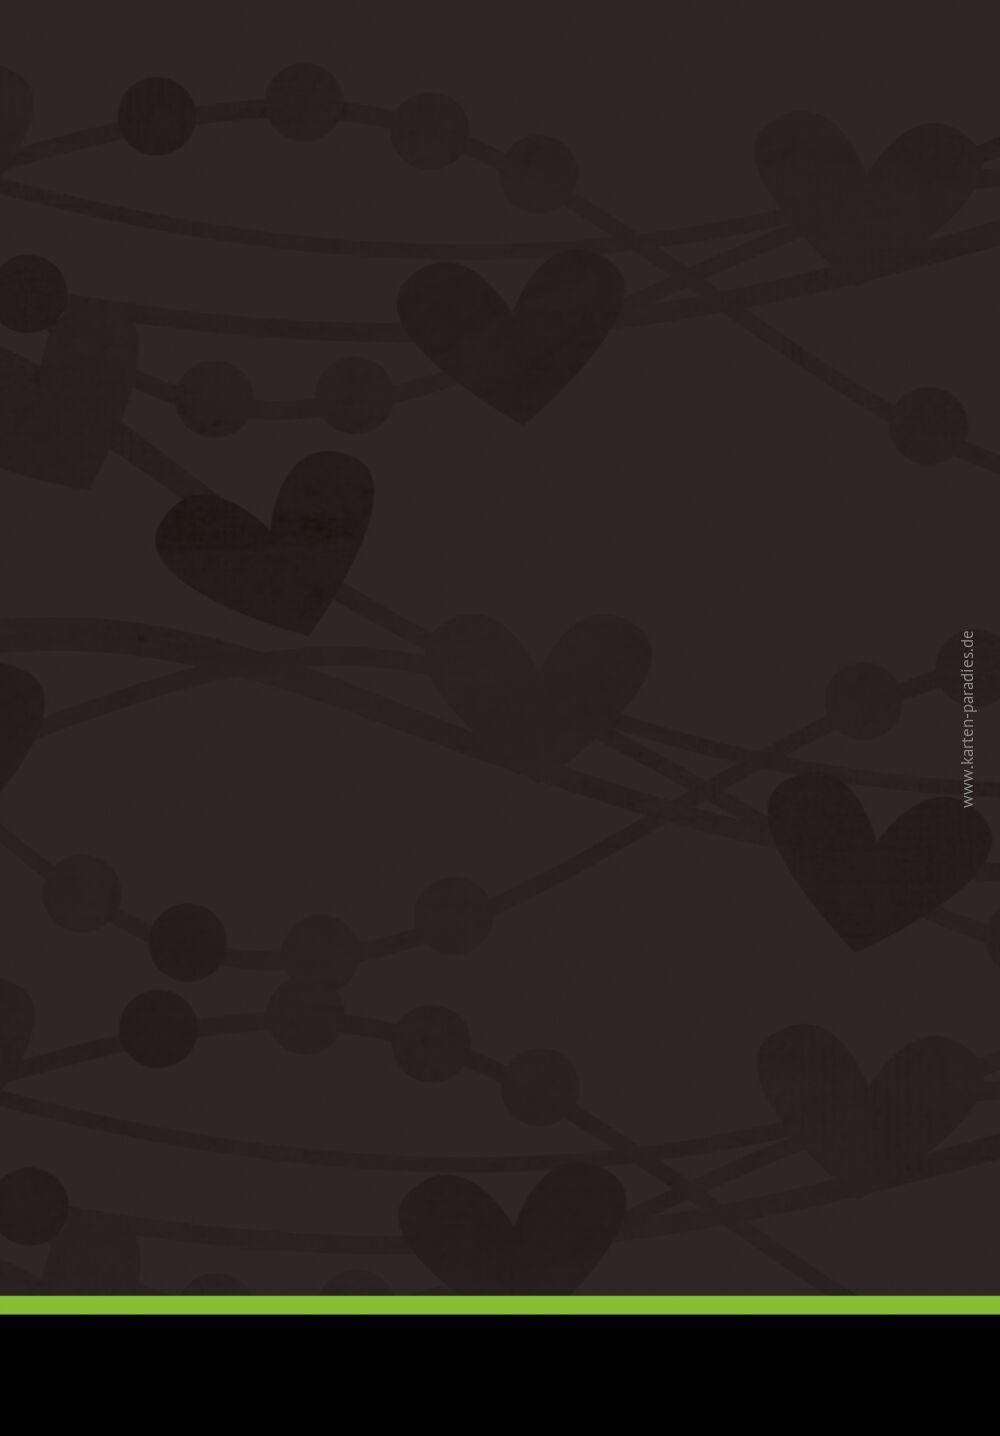 Ansicht 2 - Hochzeit Kirchenheft Umschlag wilde Herzen